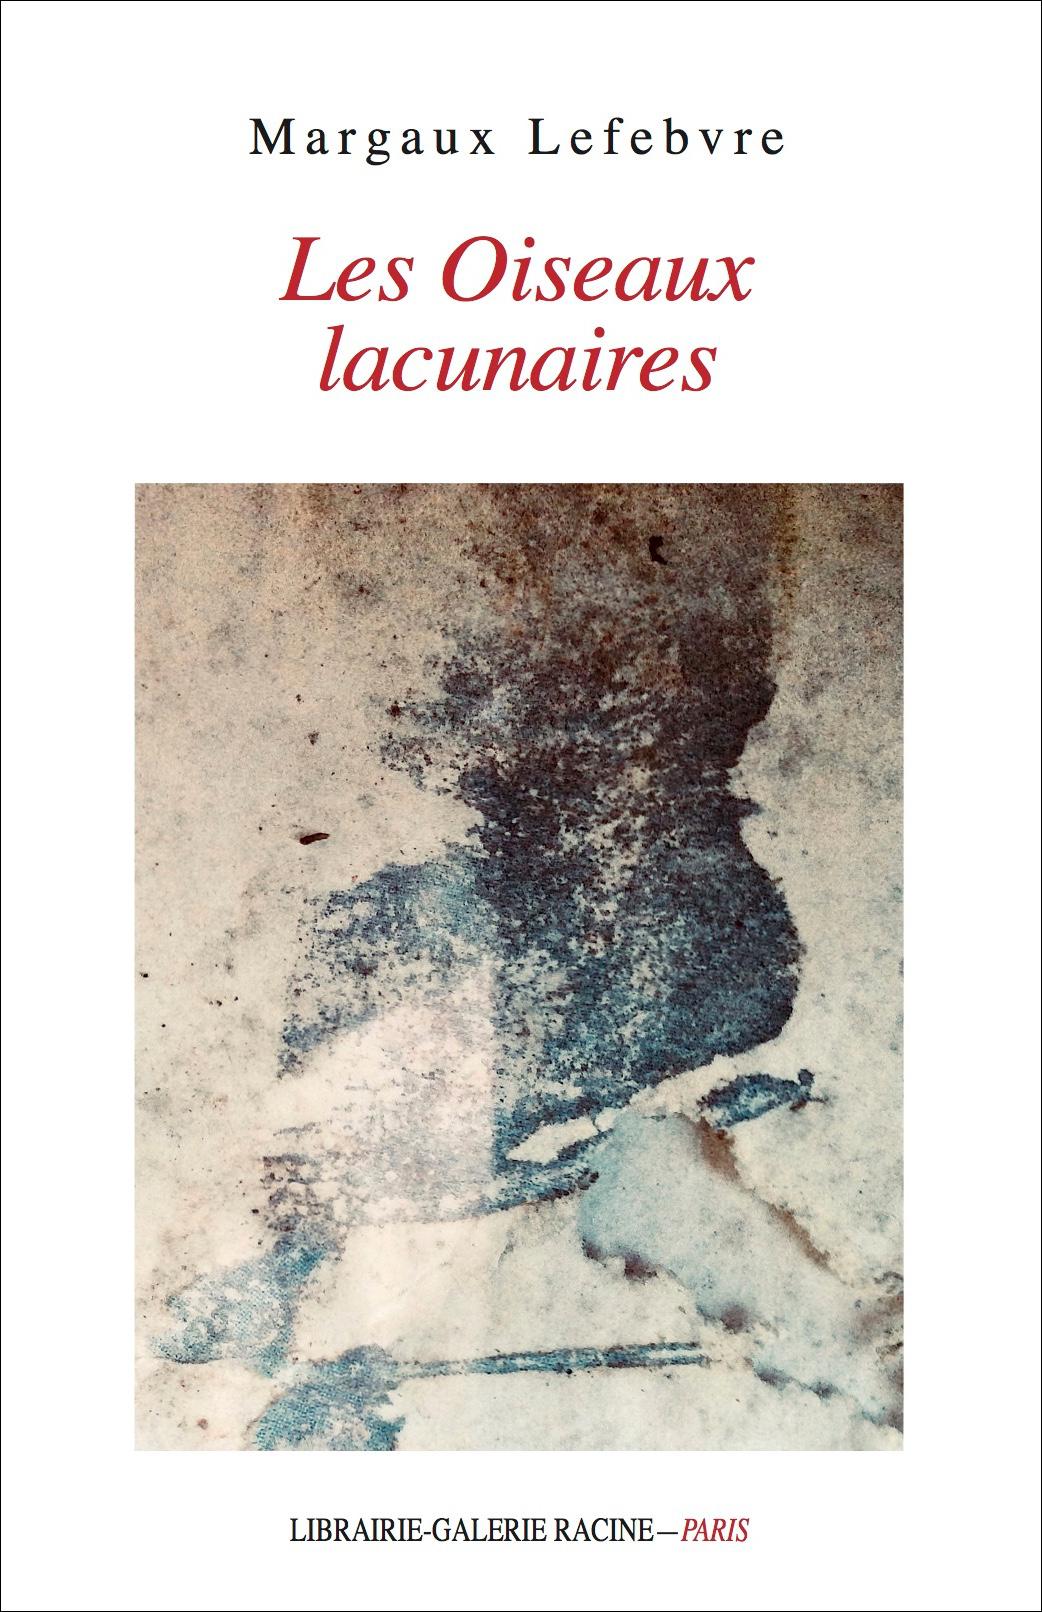 Margaux LEFEBVRE - Les Oiseaux lacunaires